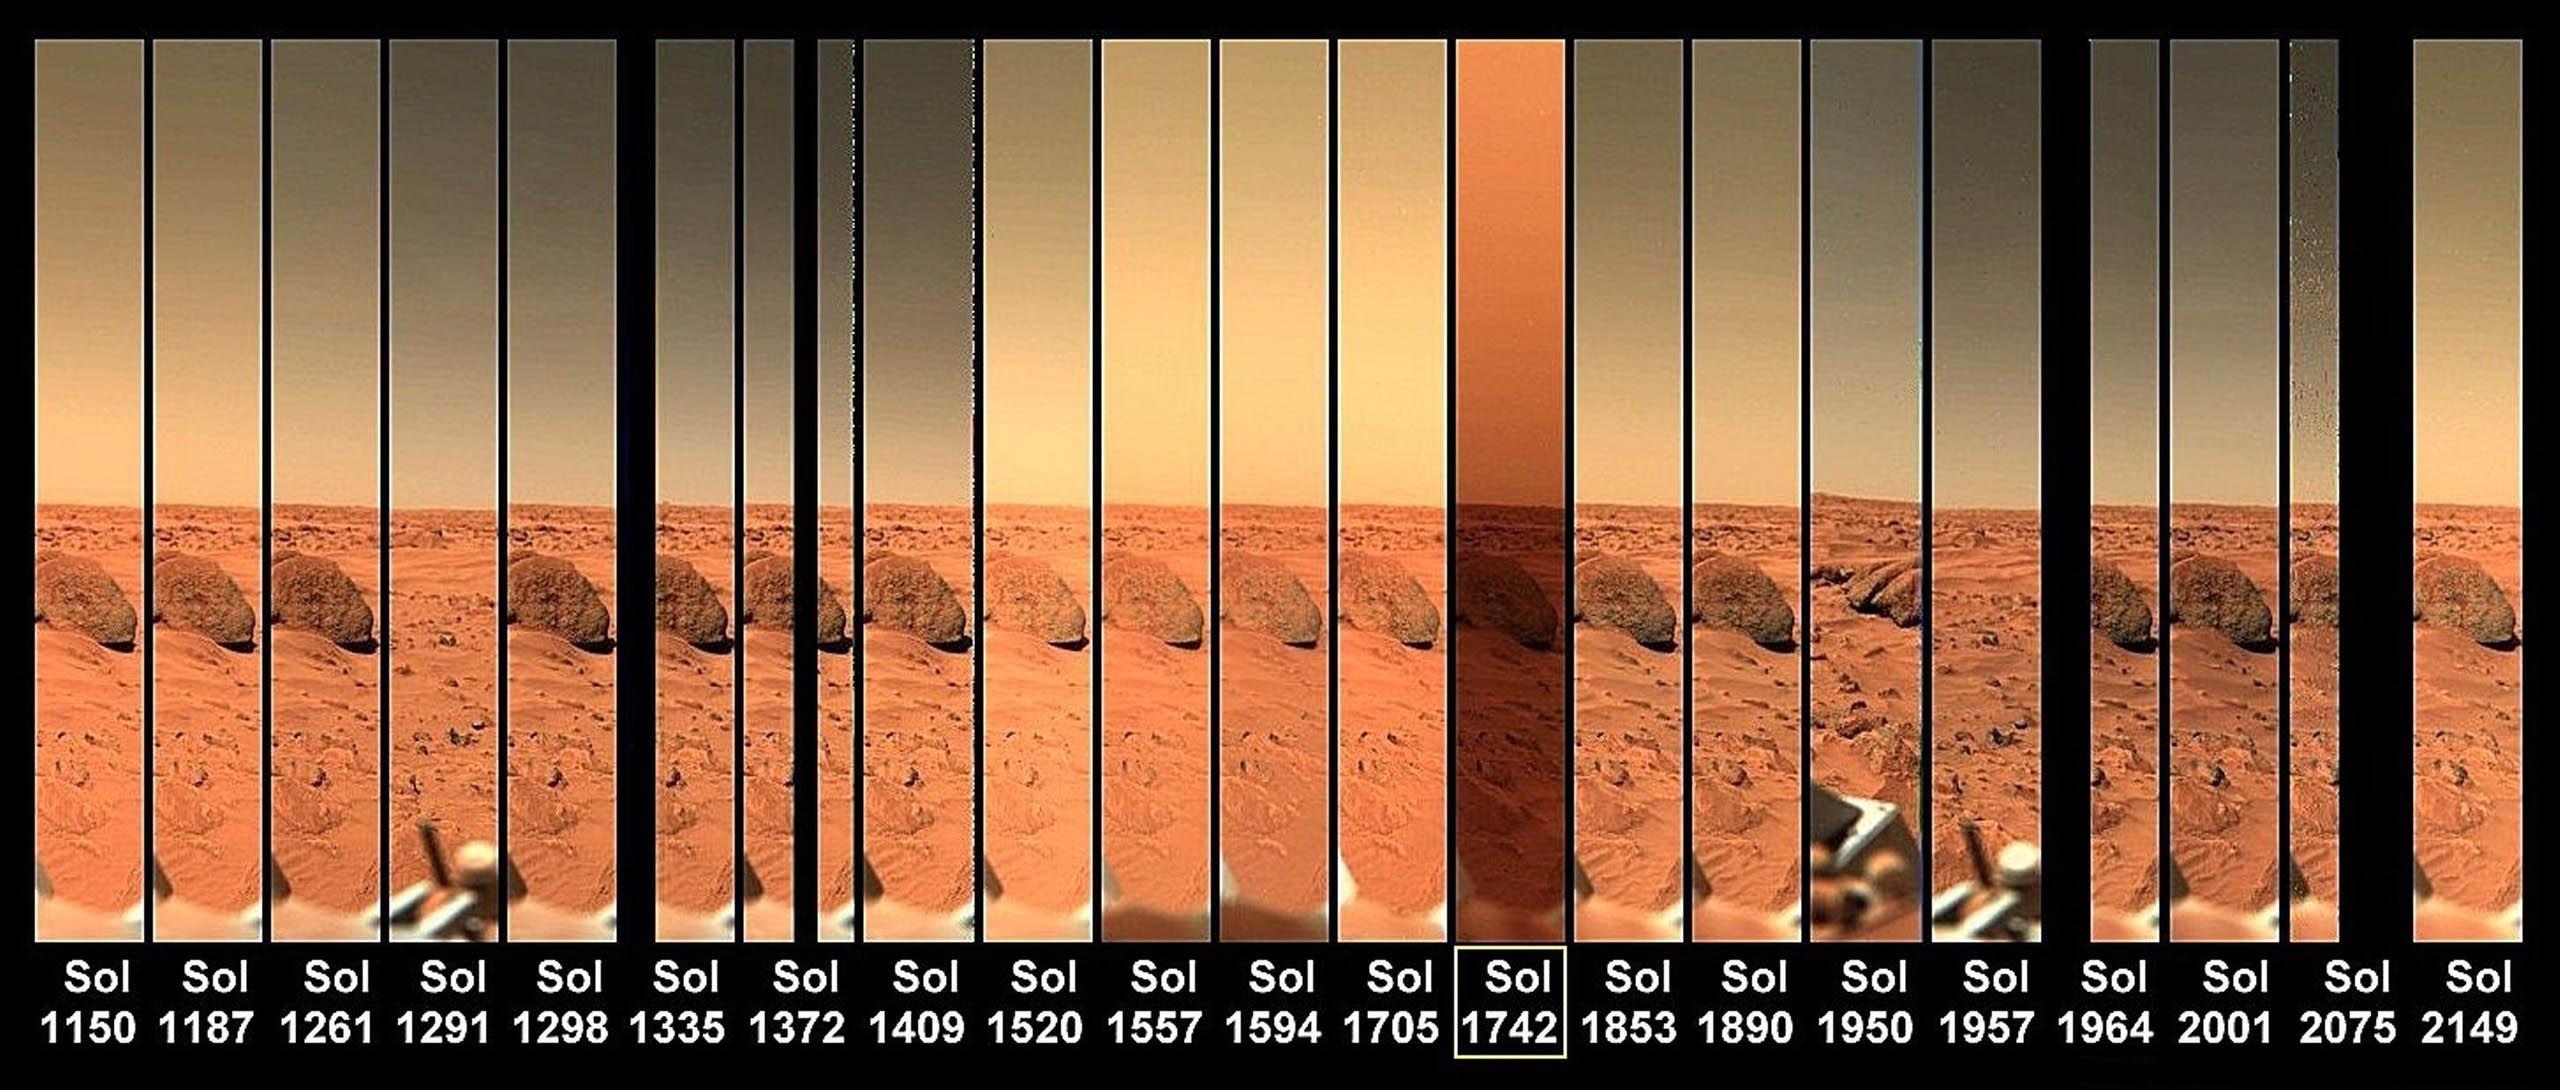 Цвет марсианского неба с посадочного модуля Viking Lander 1